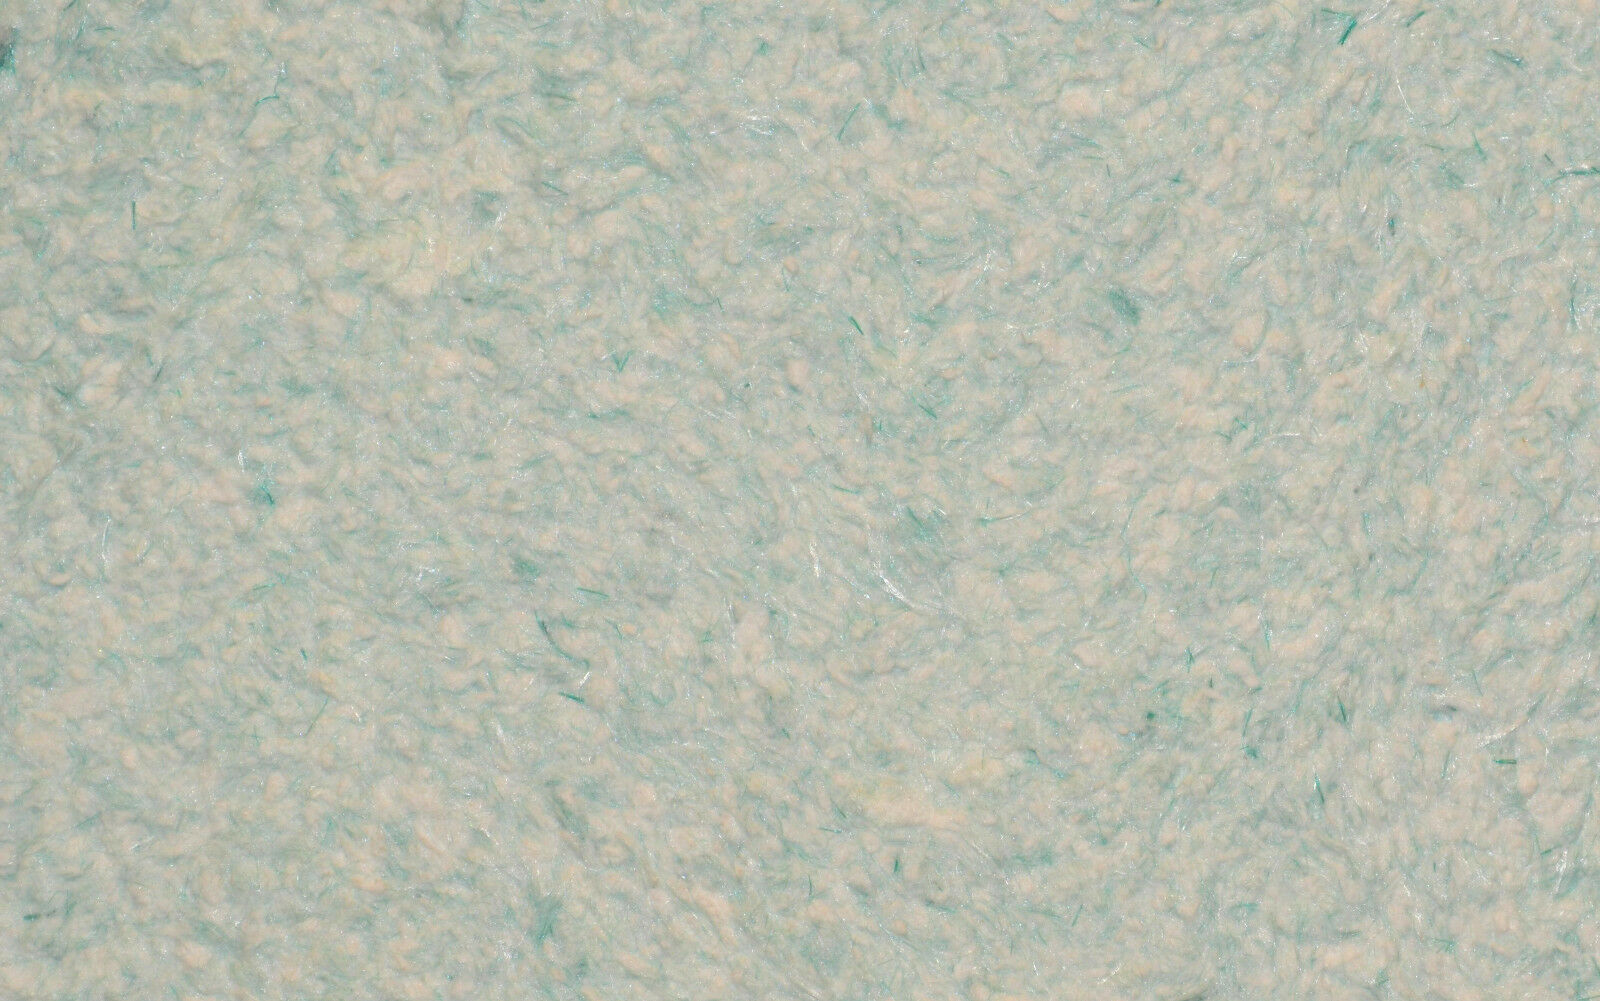 Dekorputz Dekorputz Dekorputz Flüssigtapete Silk Plaster Optima Tapete Baumwollputz b4c85f